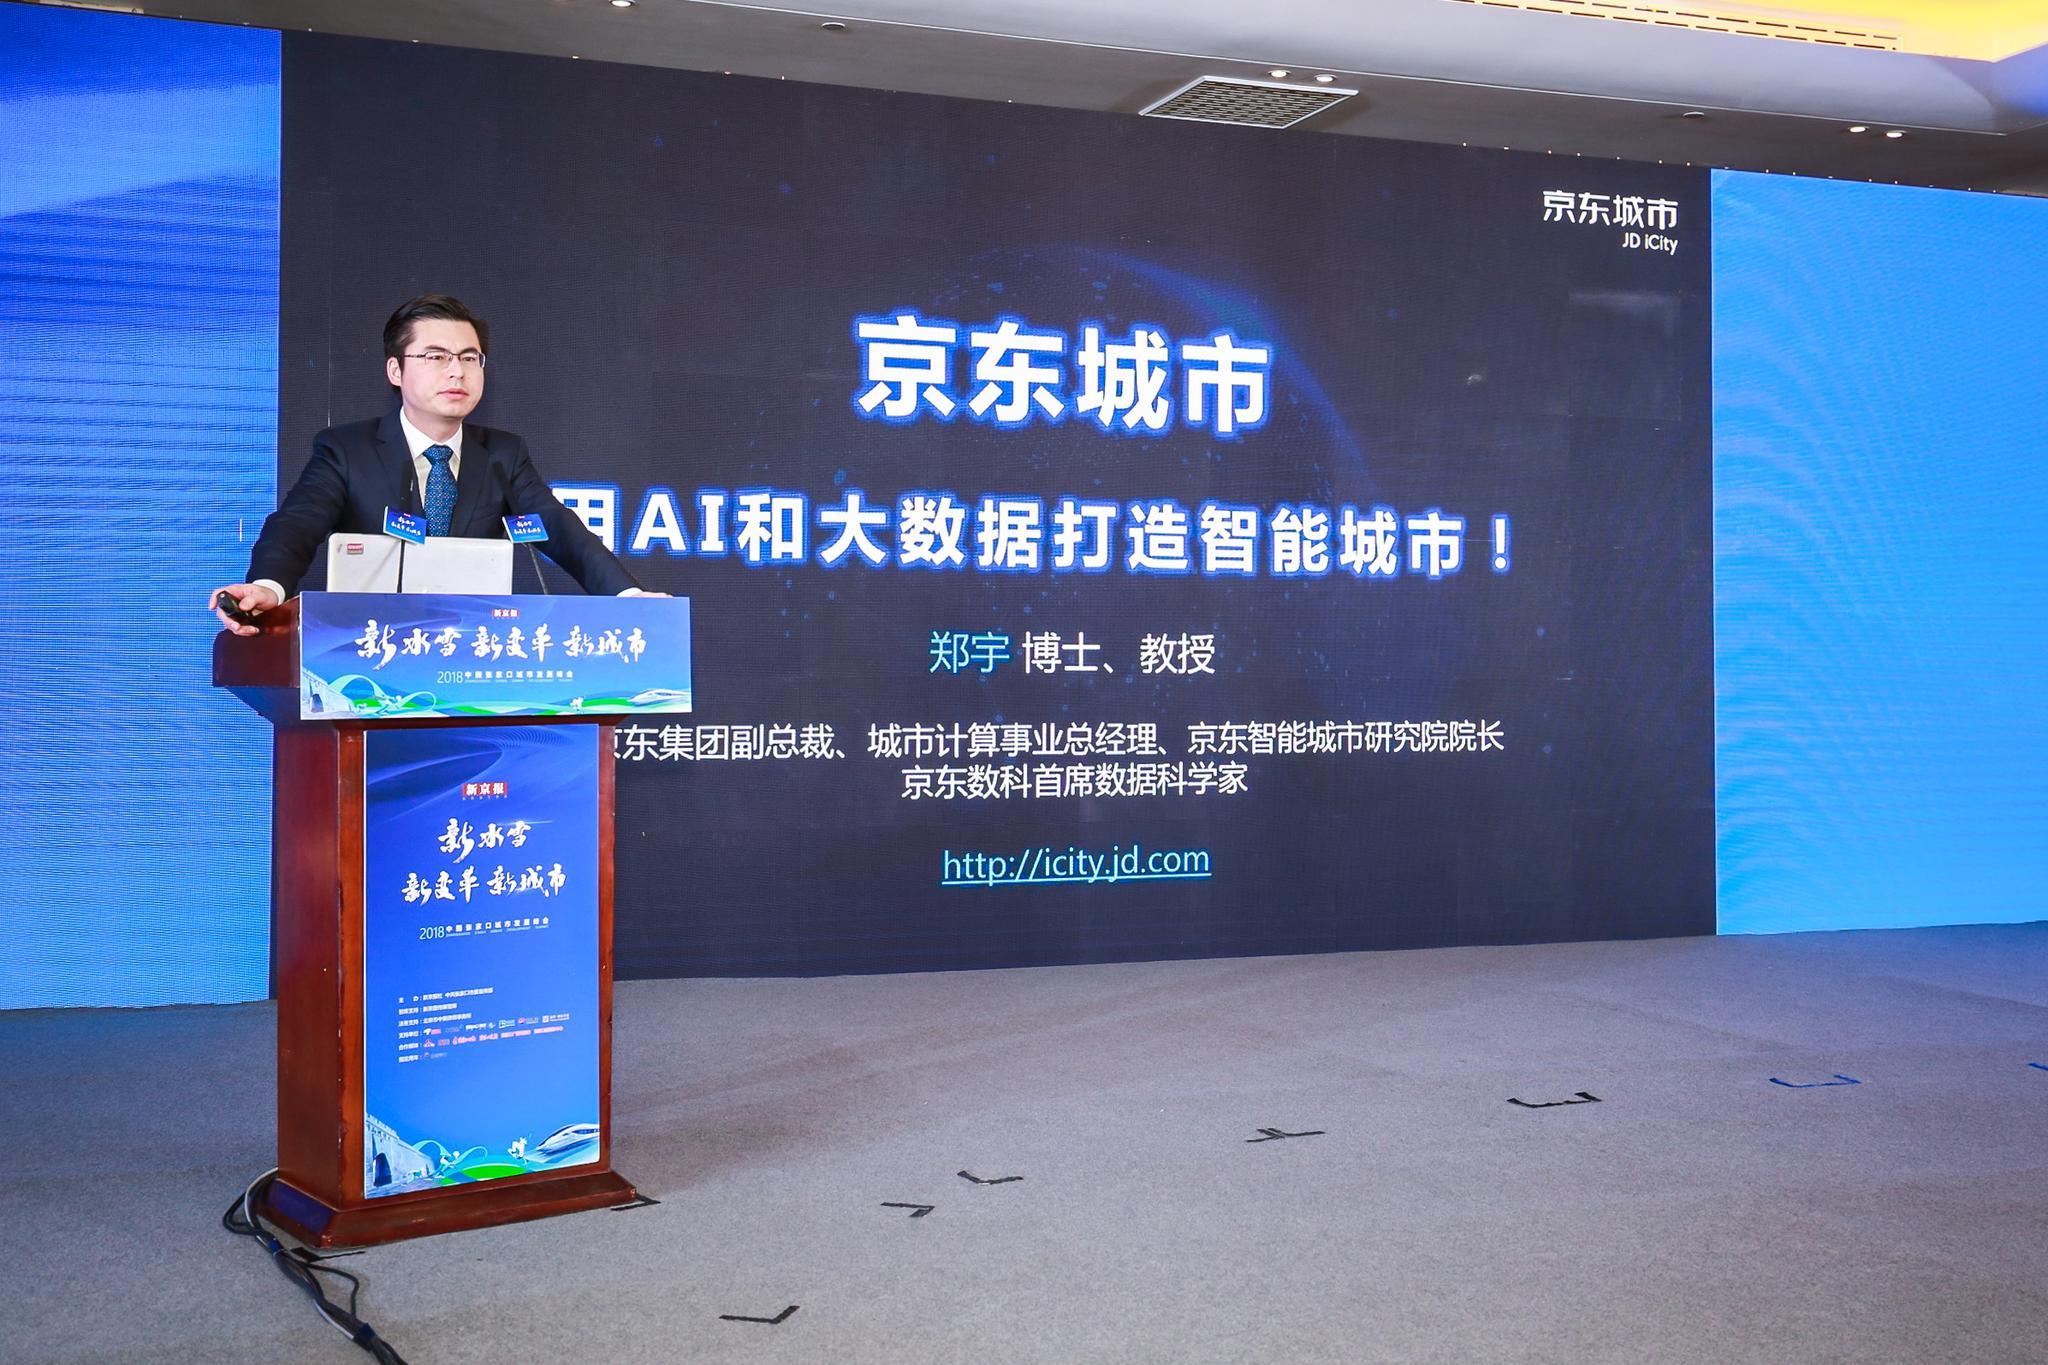 郑宇: 大数据和AI助力张家口成为可持续发展城市|郑宇|张家口|大数据